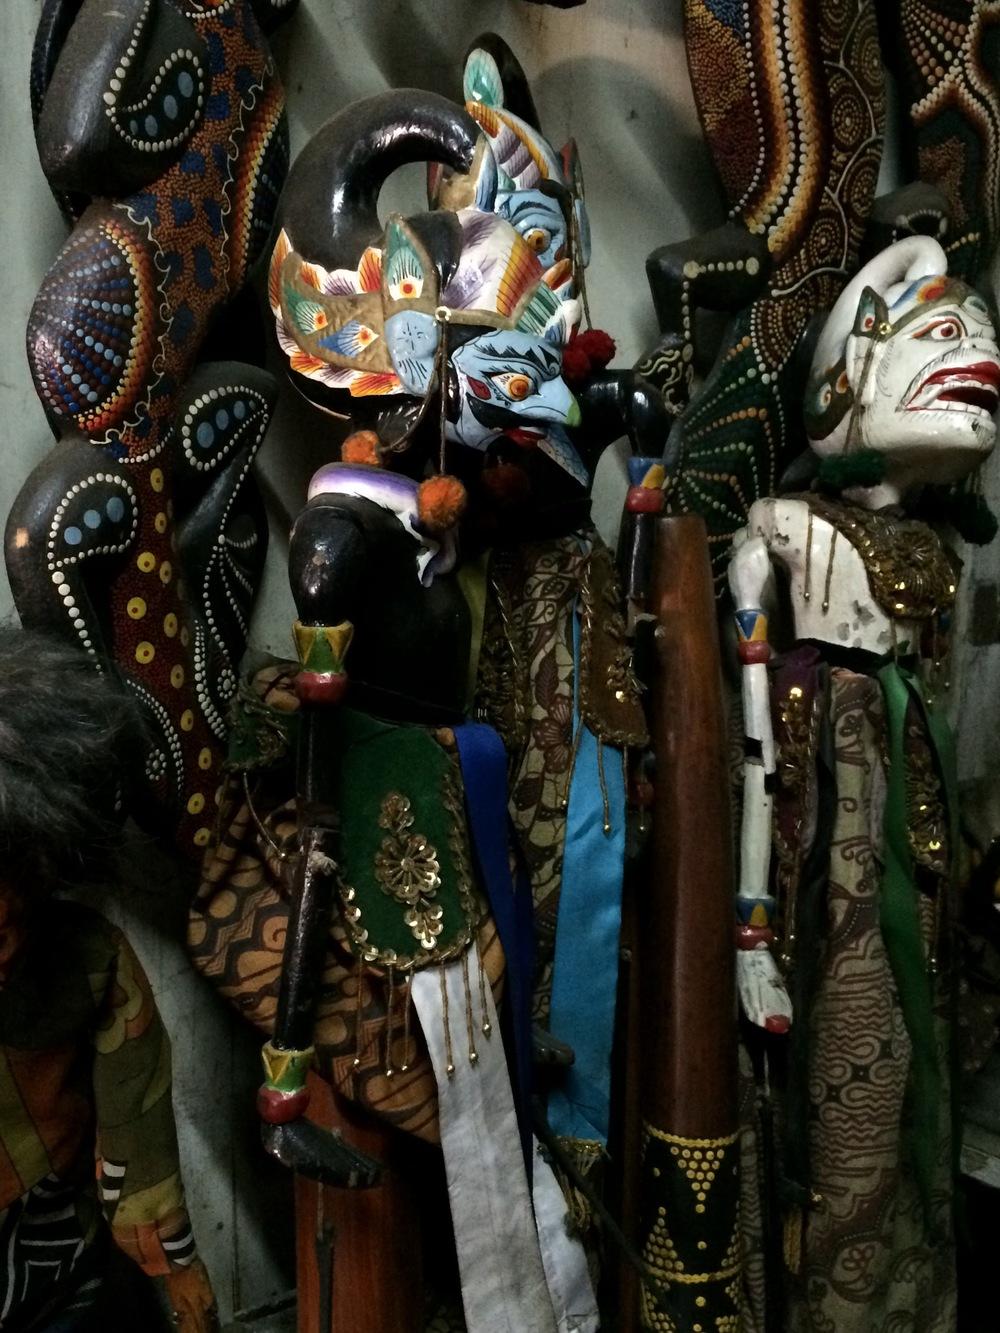 Sita in puppet form